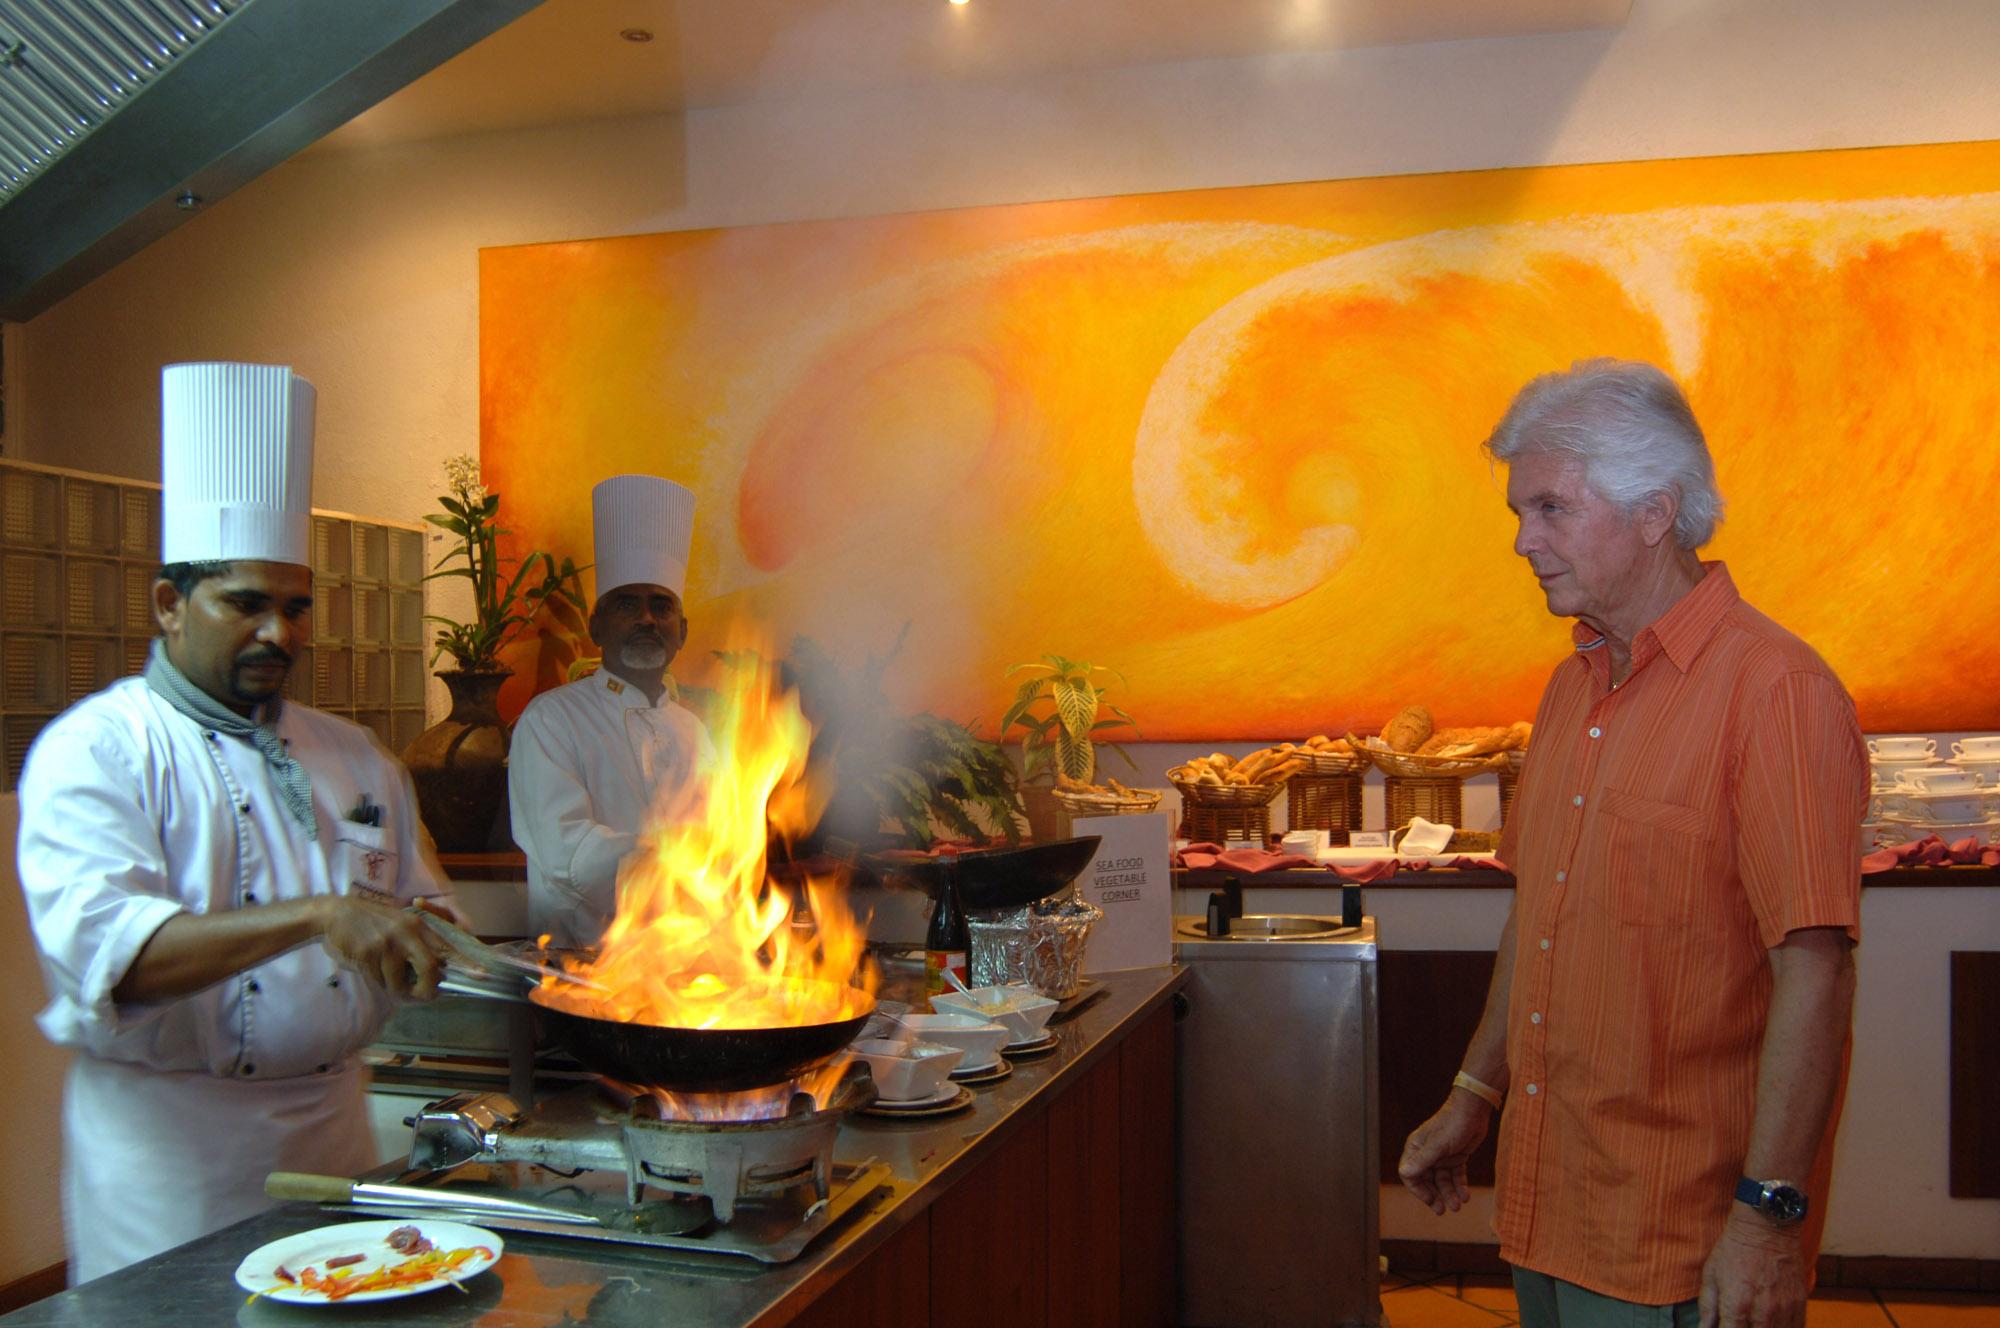 Koch an offener Flamme mit Gast